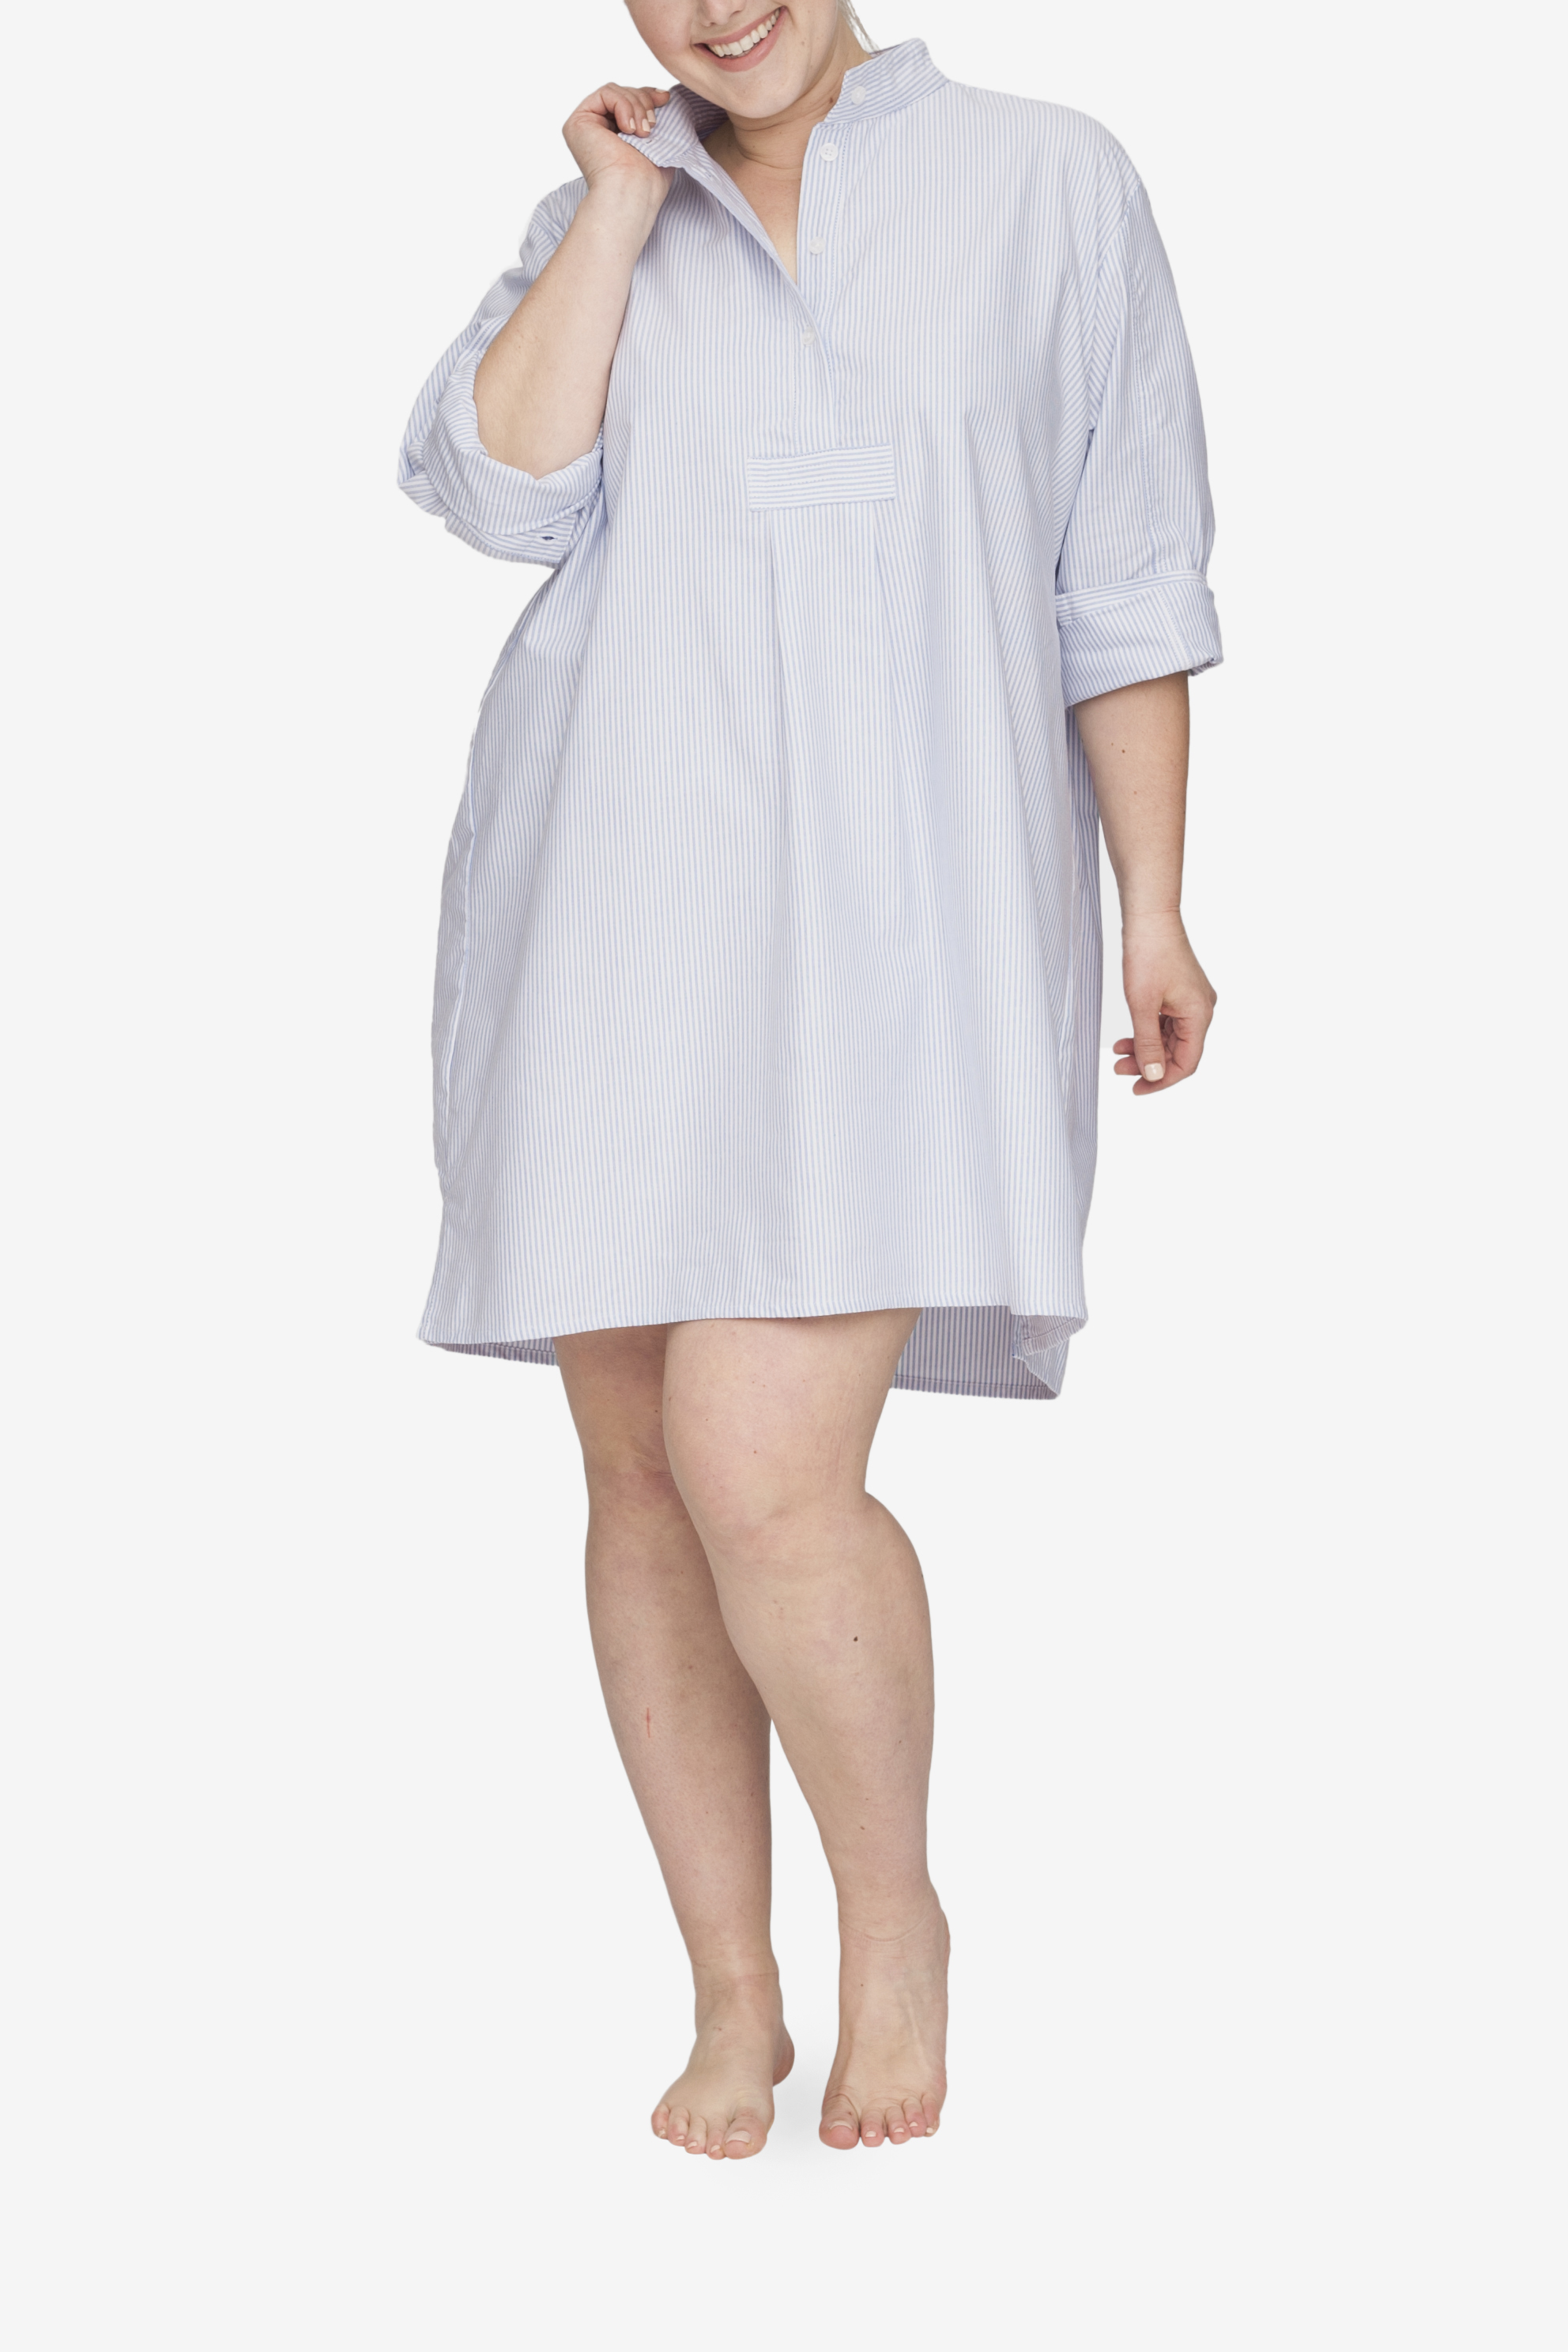 La collection pre-fall de The Sleep Shirt est juste tellement parfaite!